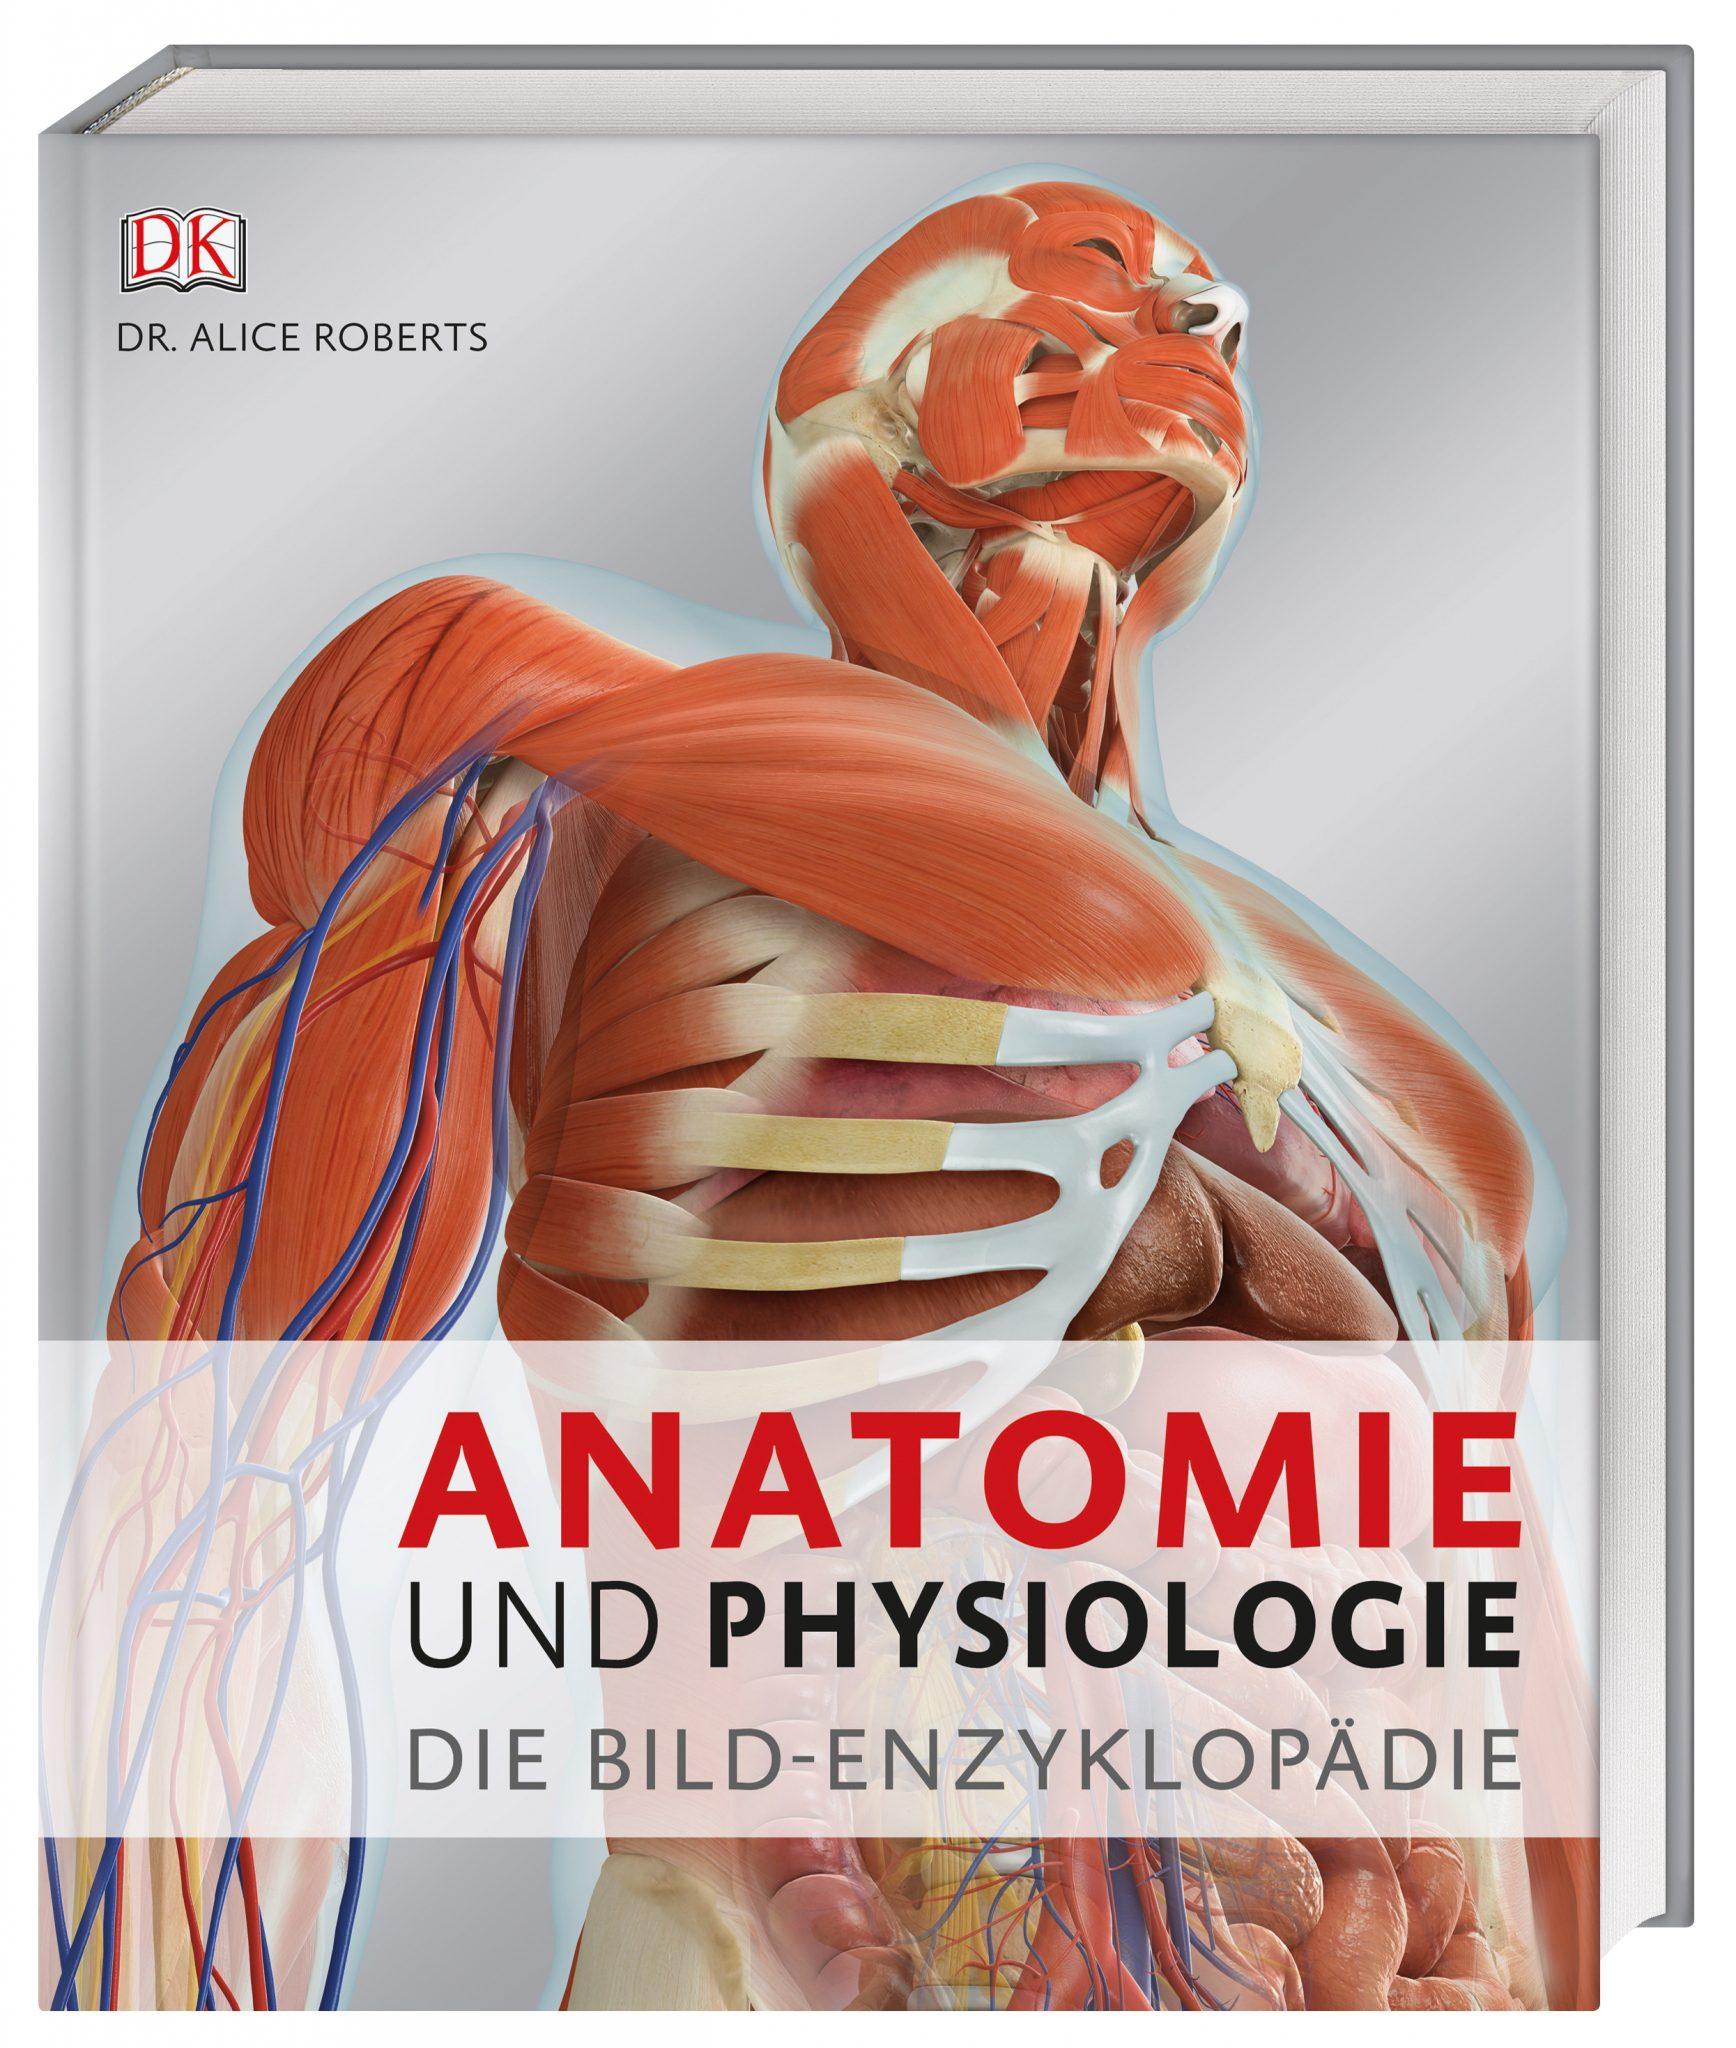 Prof. Dr. Alice Roberts: Anatomie und Physiologie - 59plus